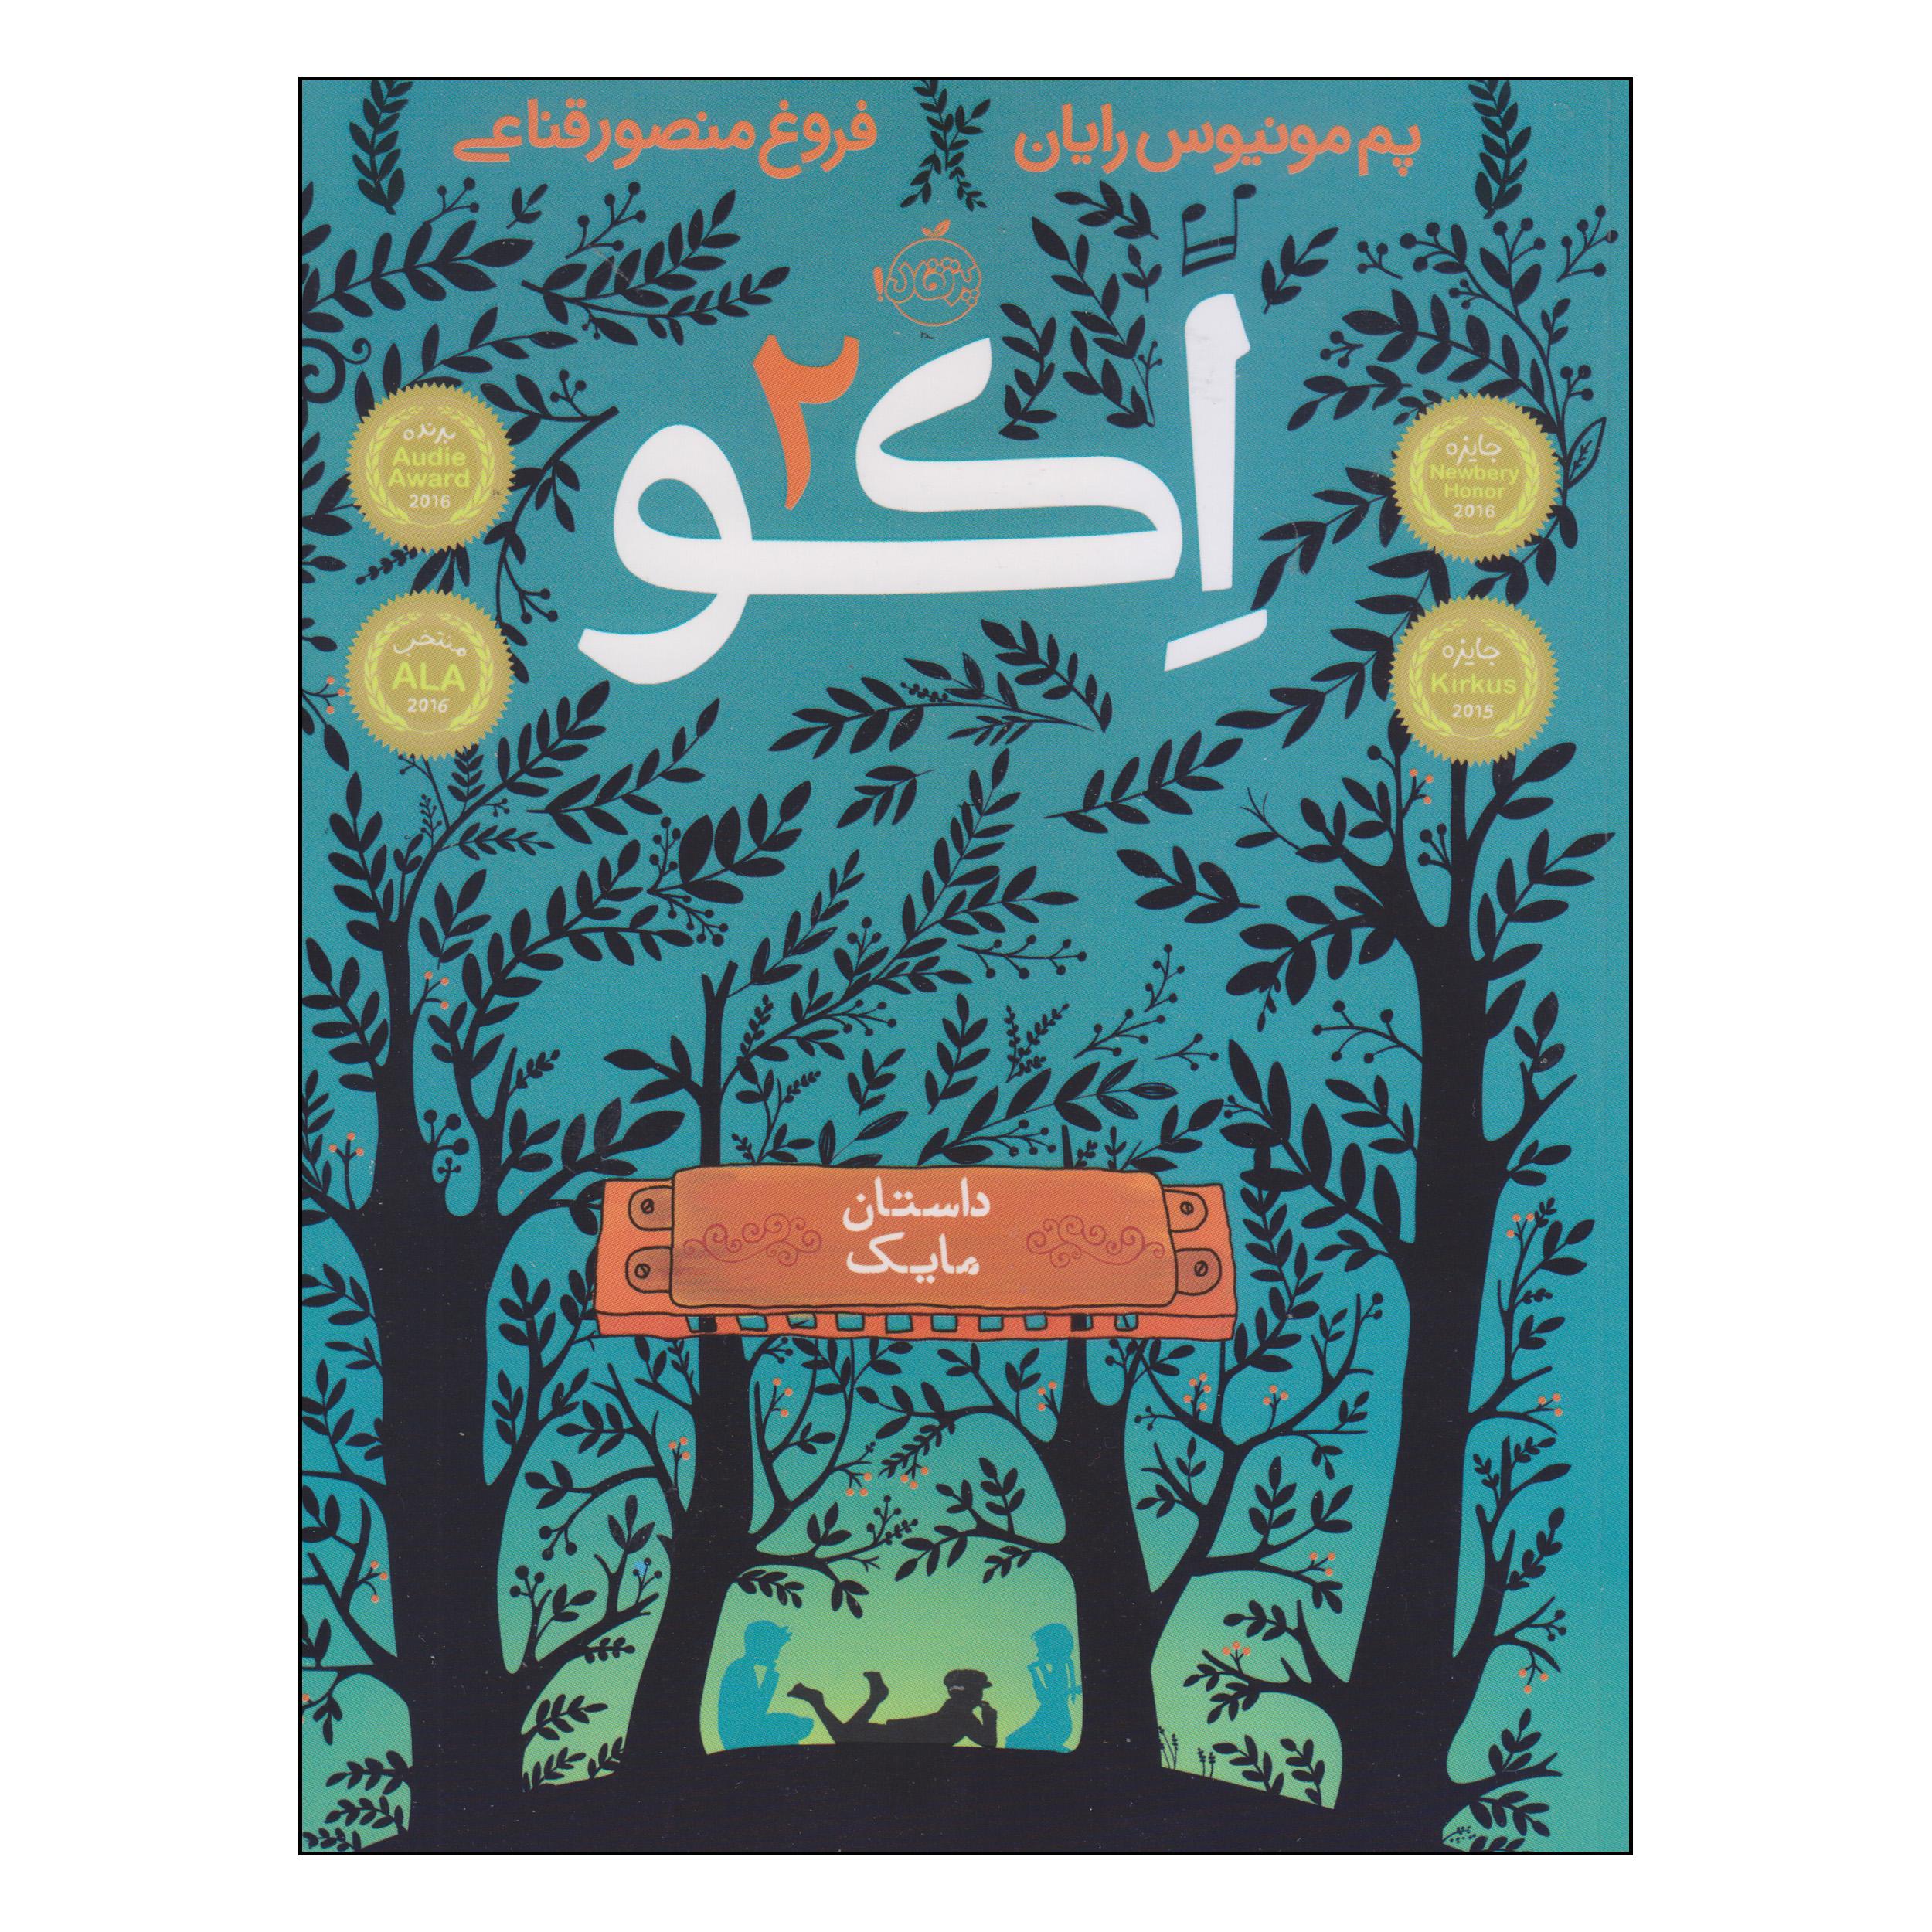 کتاب اکو اثر پم مونیوس رایان انتشارات پرتقال جلد 2